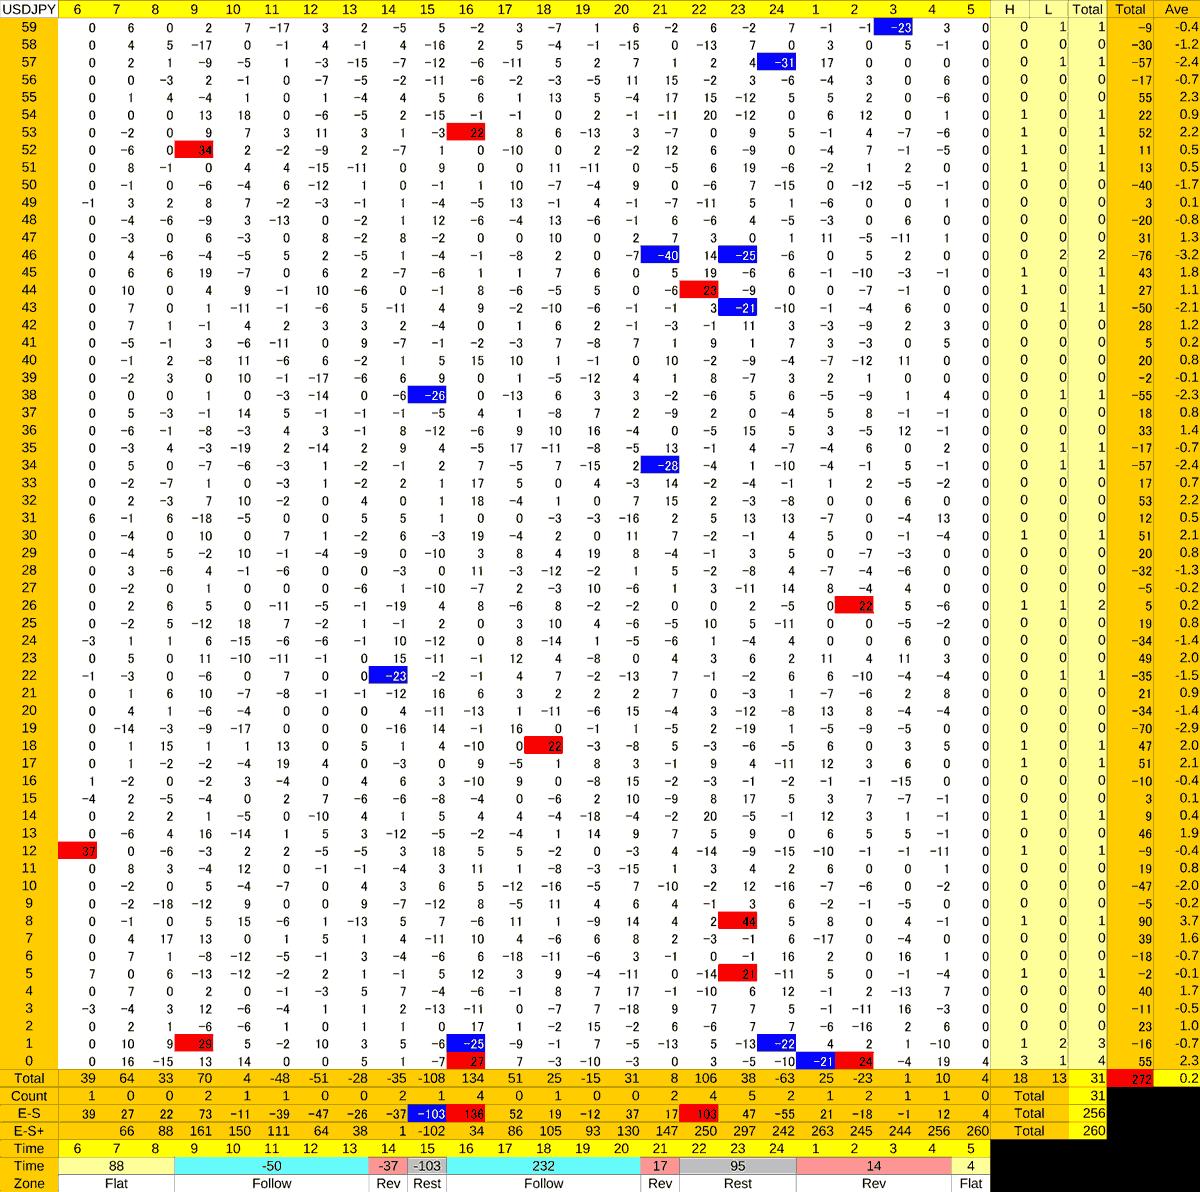 20200925_HS(1)USDJPY